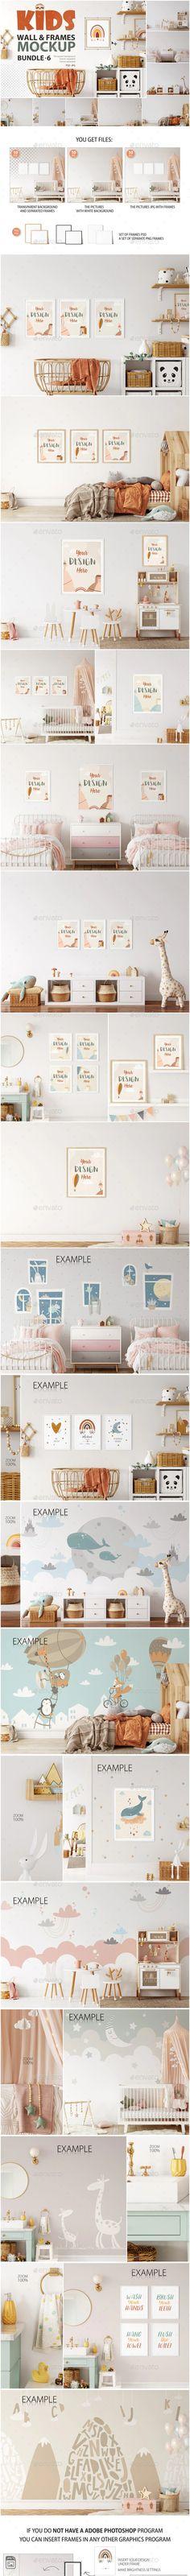 Kids Frames & Wall Mockup Pack - 6 by Feverik   GraphicRiver